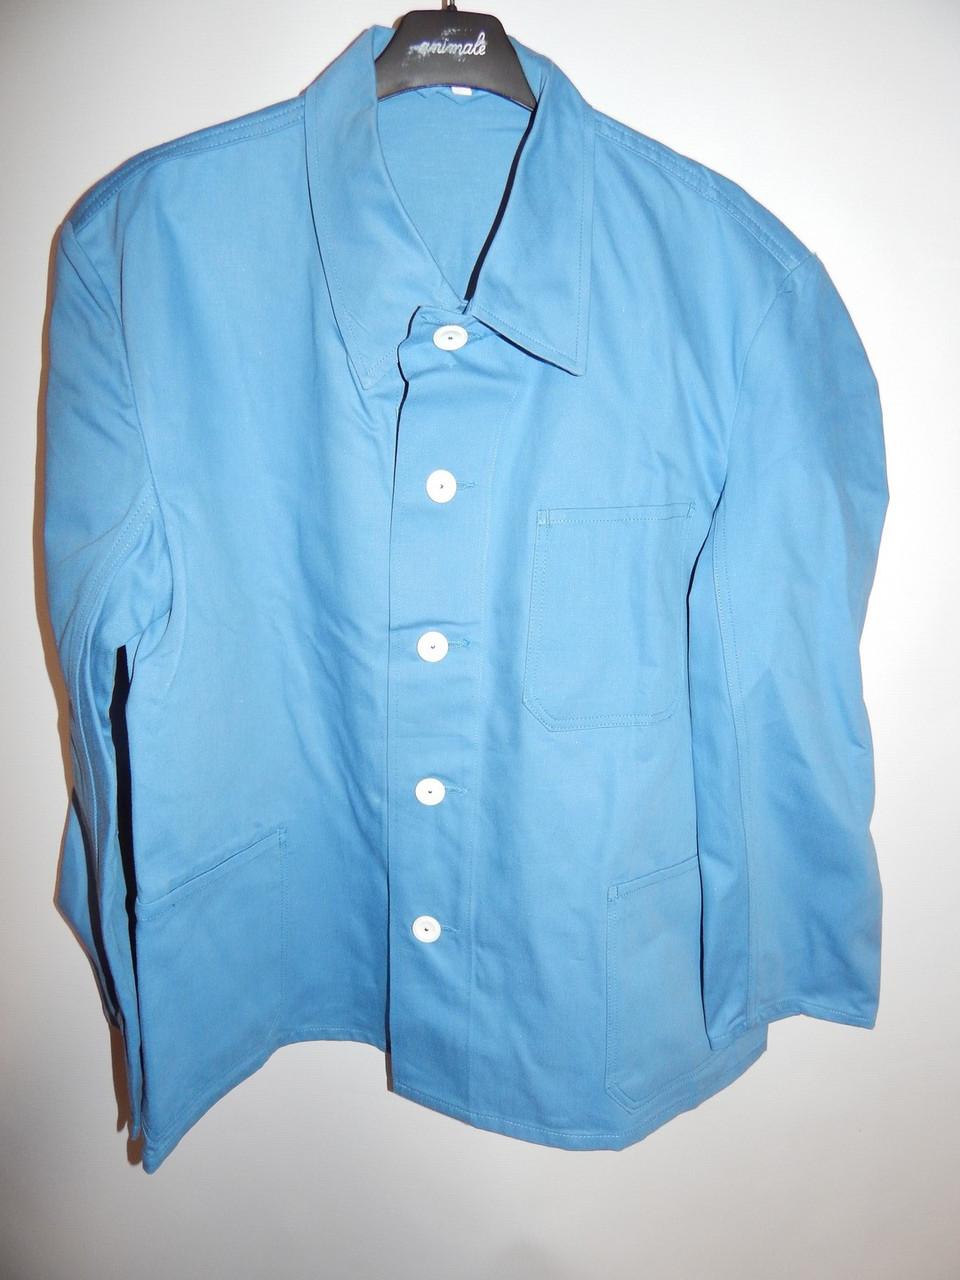 Куртка  мужская рабочая демисезонная р.52 031МРК